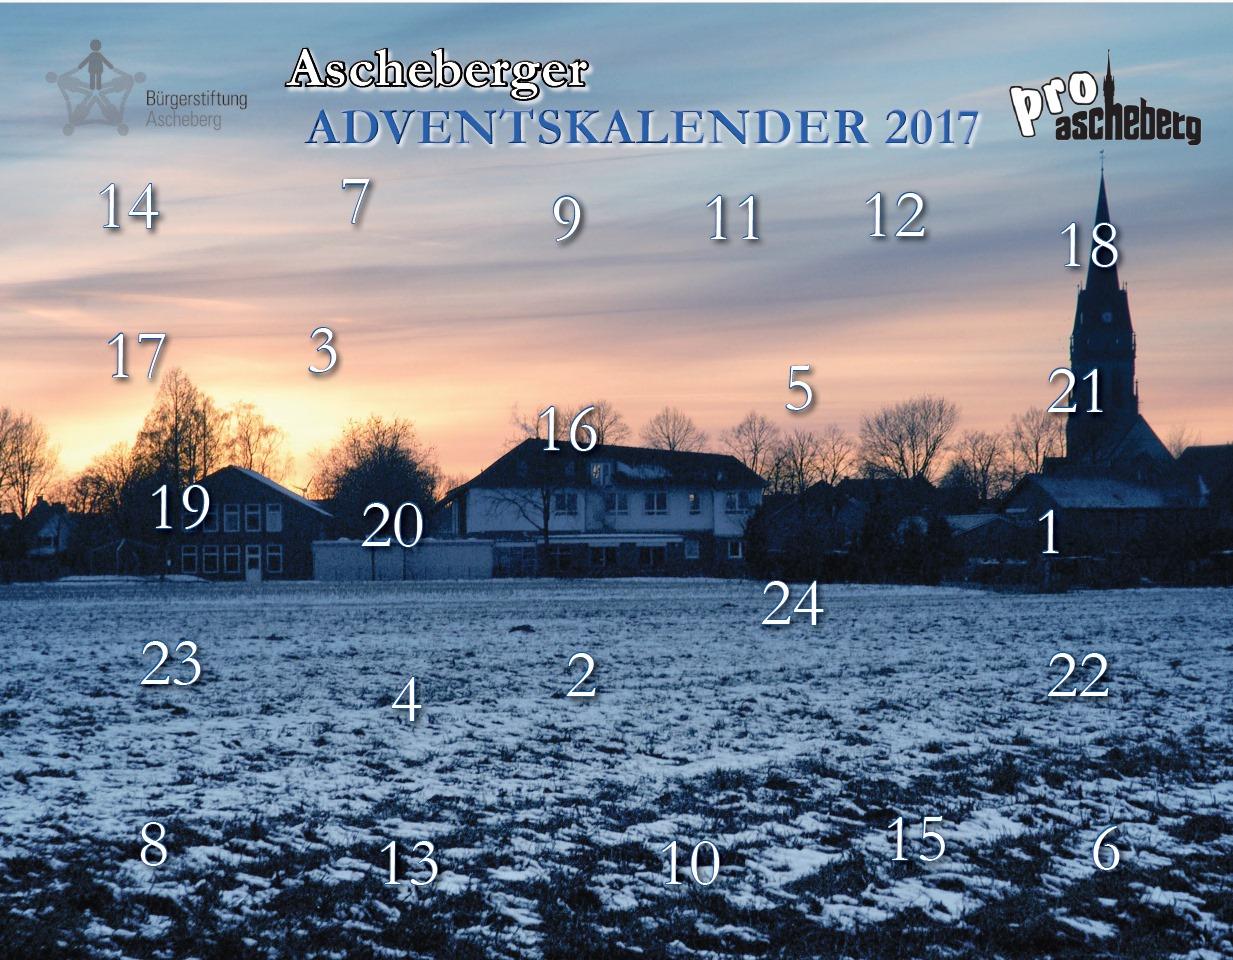 Ascheberger Adventskalender 2017